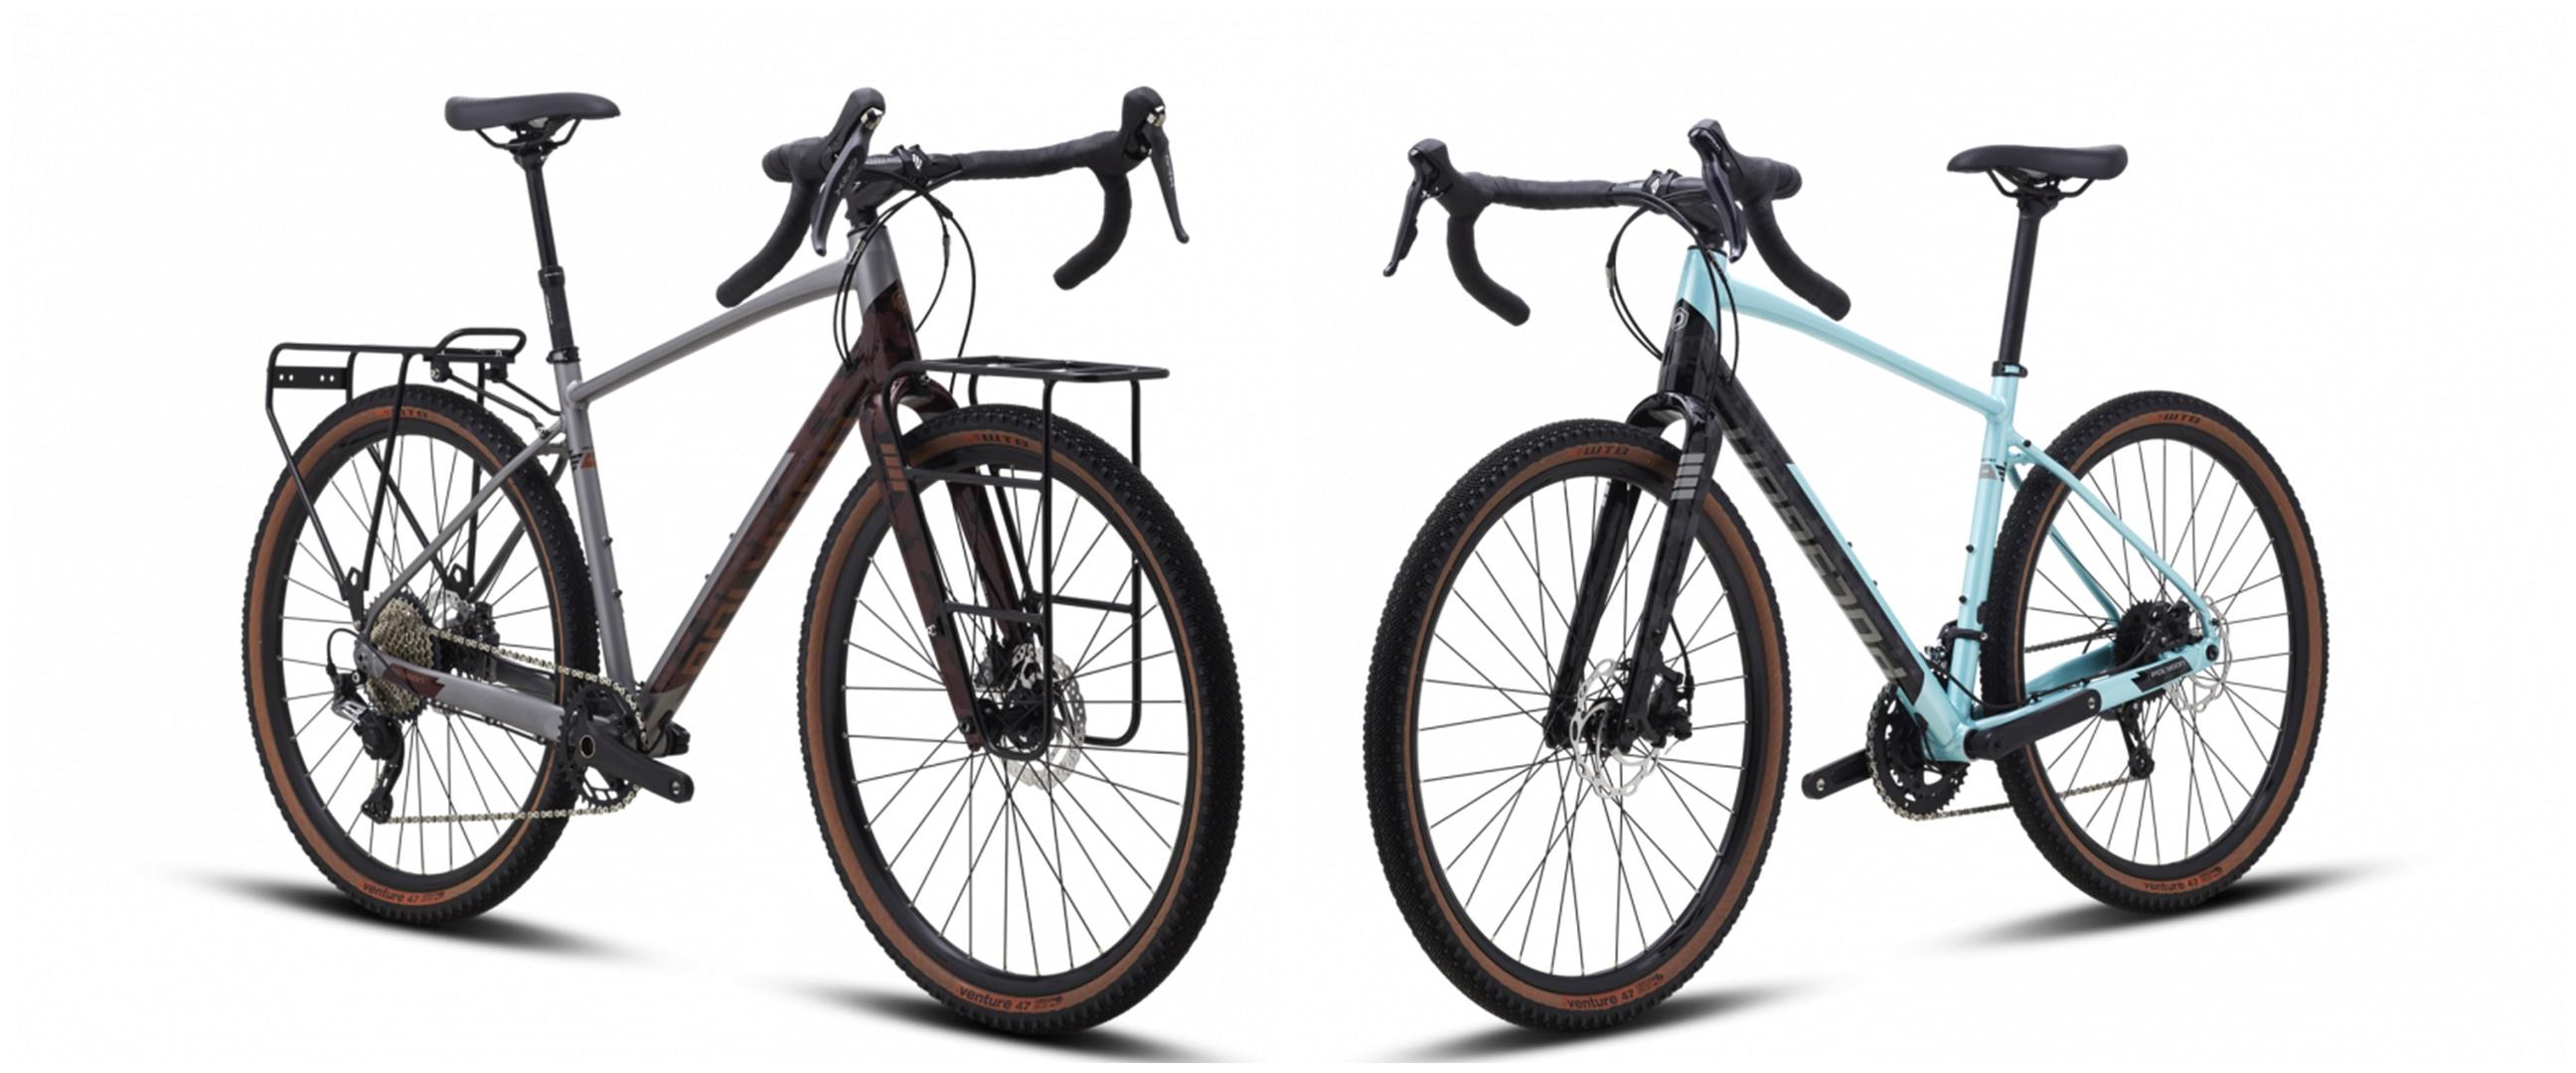 Harga sepeda Polygon Bend R2 & R5 lengkap dengan spesifikasinya